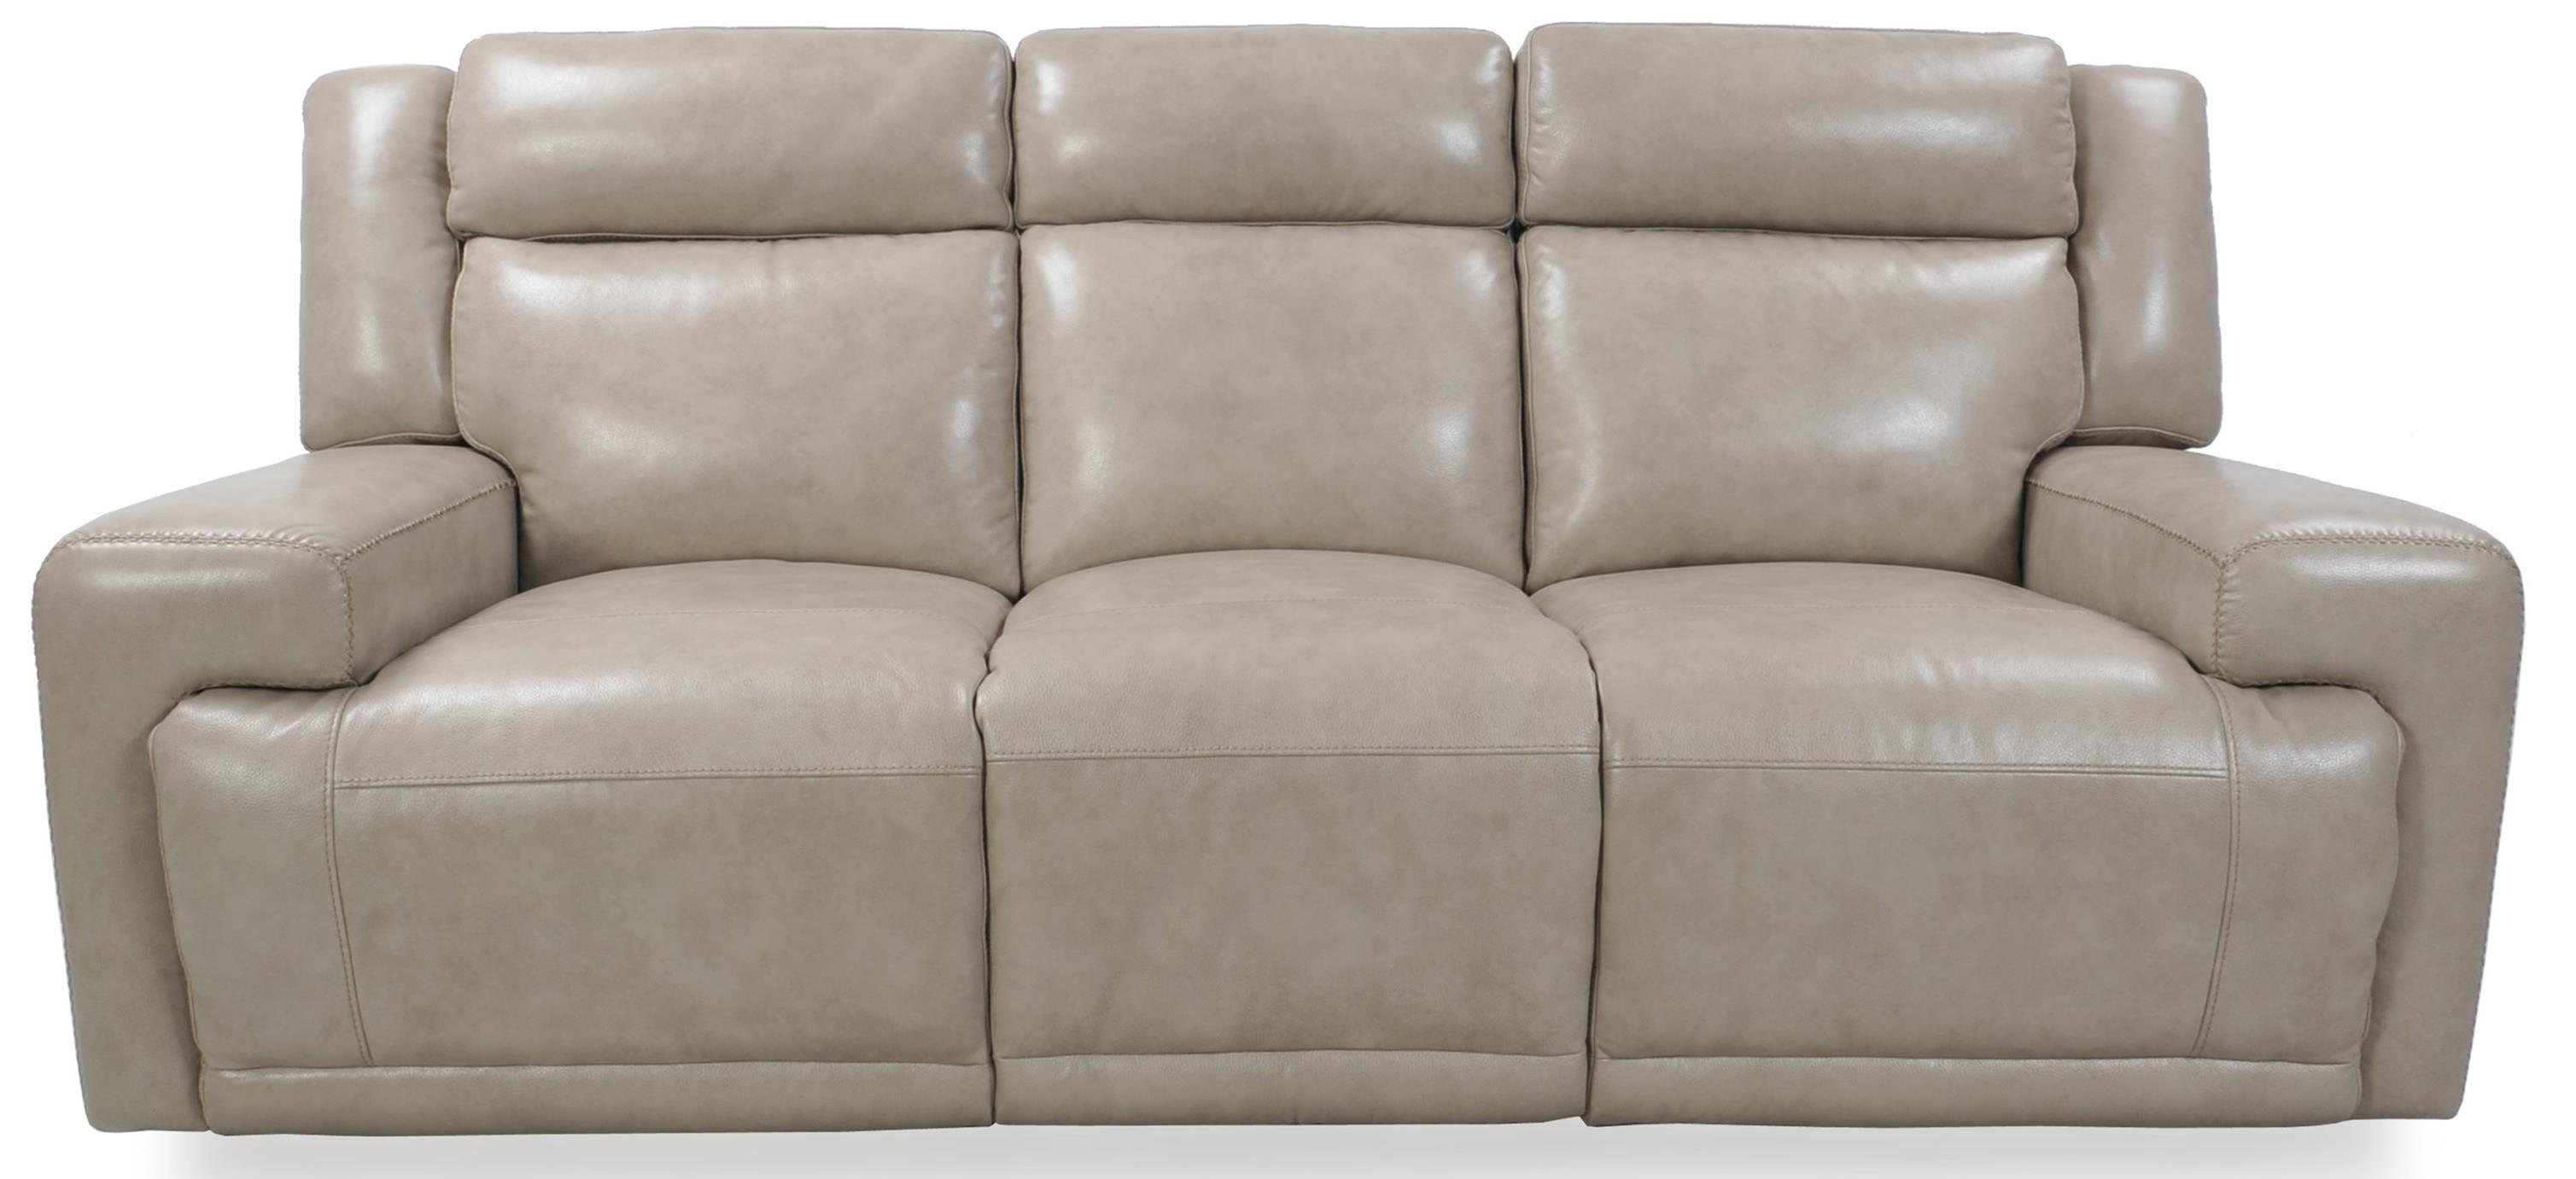 Futura Leather E1259Electric Motion Sofa ...